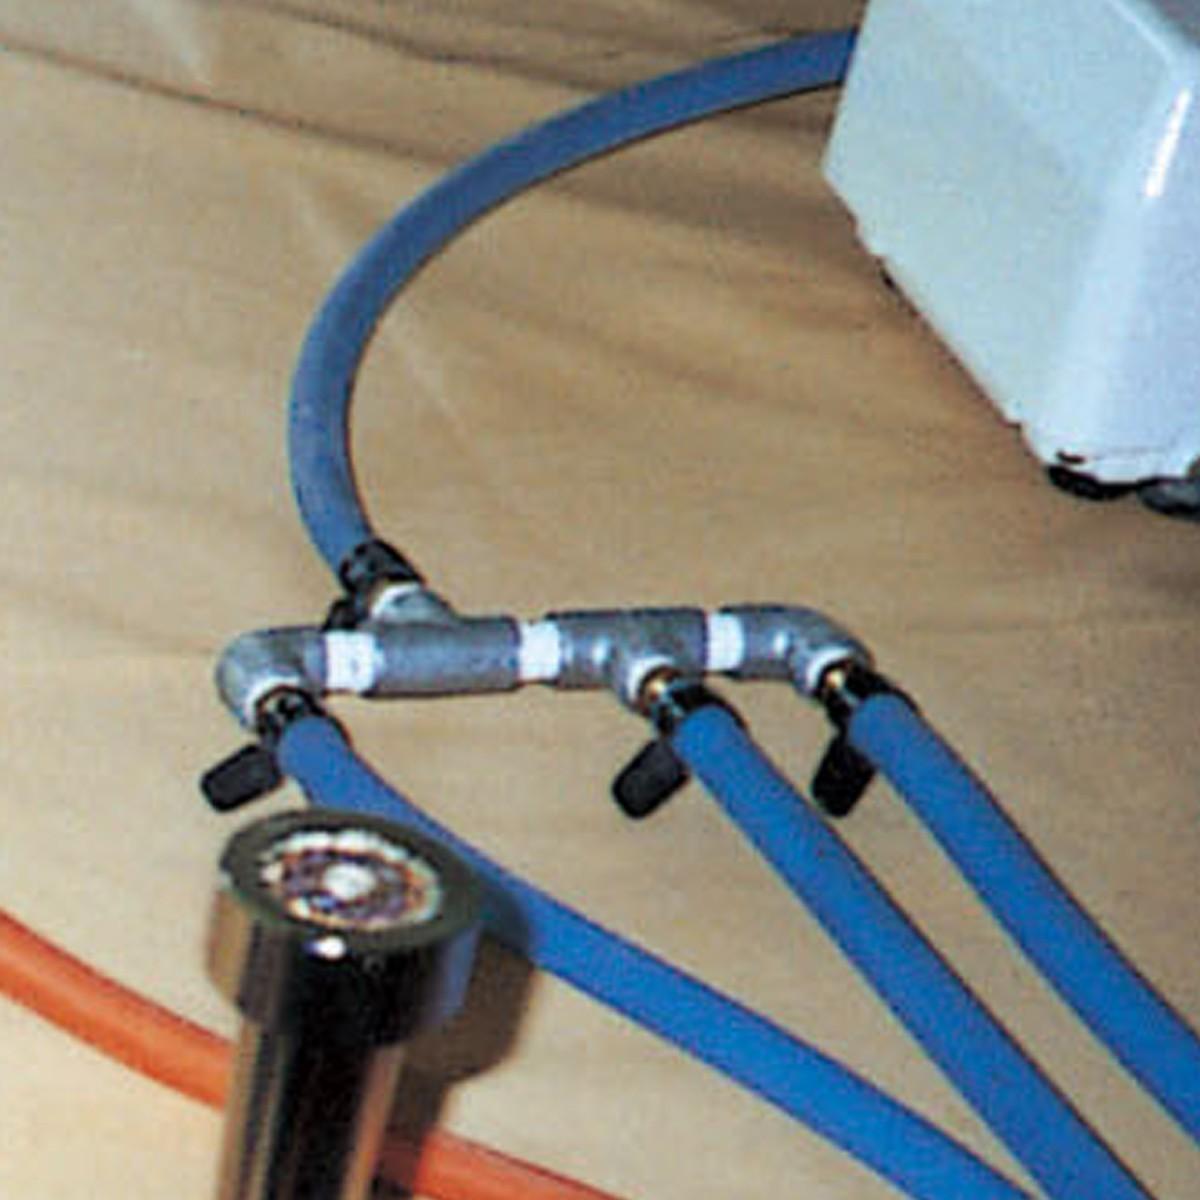 3つのバーナーを使いたい時に 三つ叉 配管 エアポンプP-6B型用 送料無料 一部地域を除く 作り 工芸 バーナーワーク 商品 トンボ玉